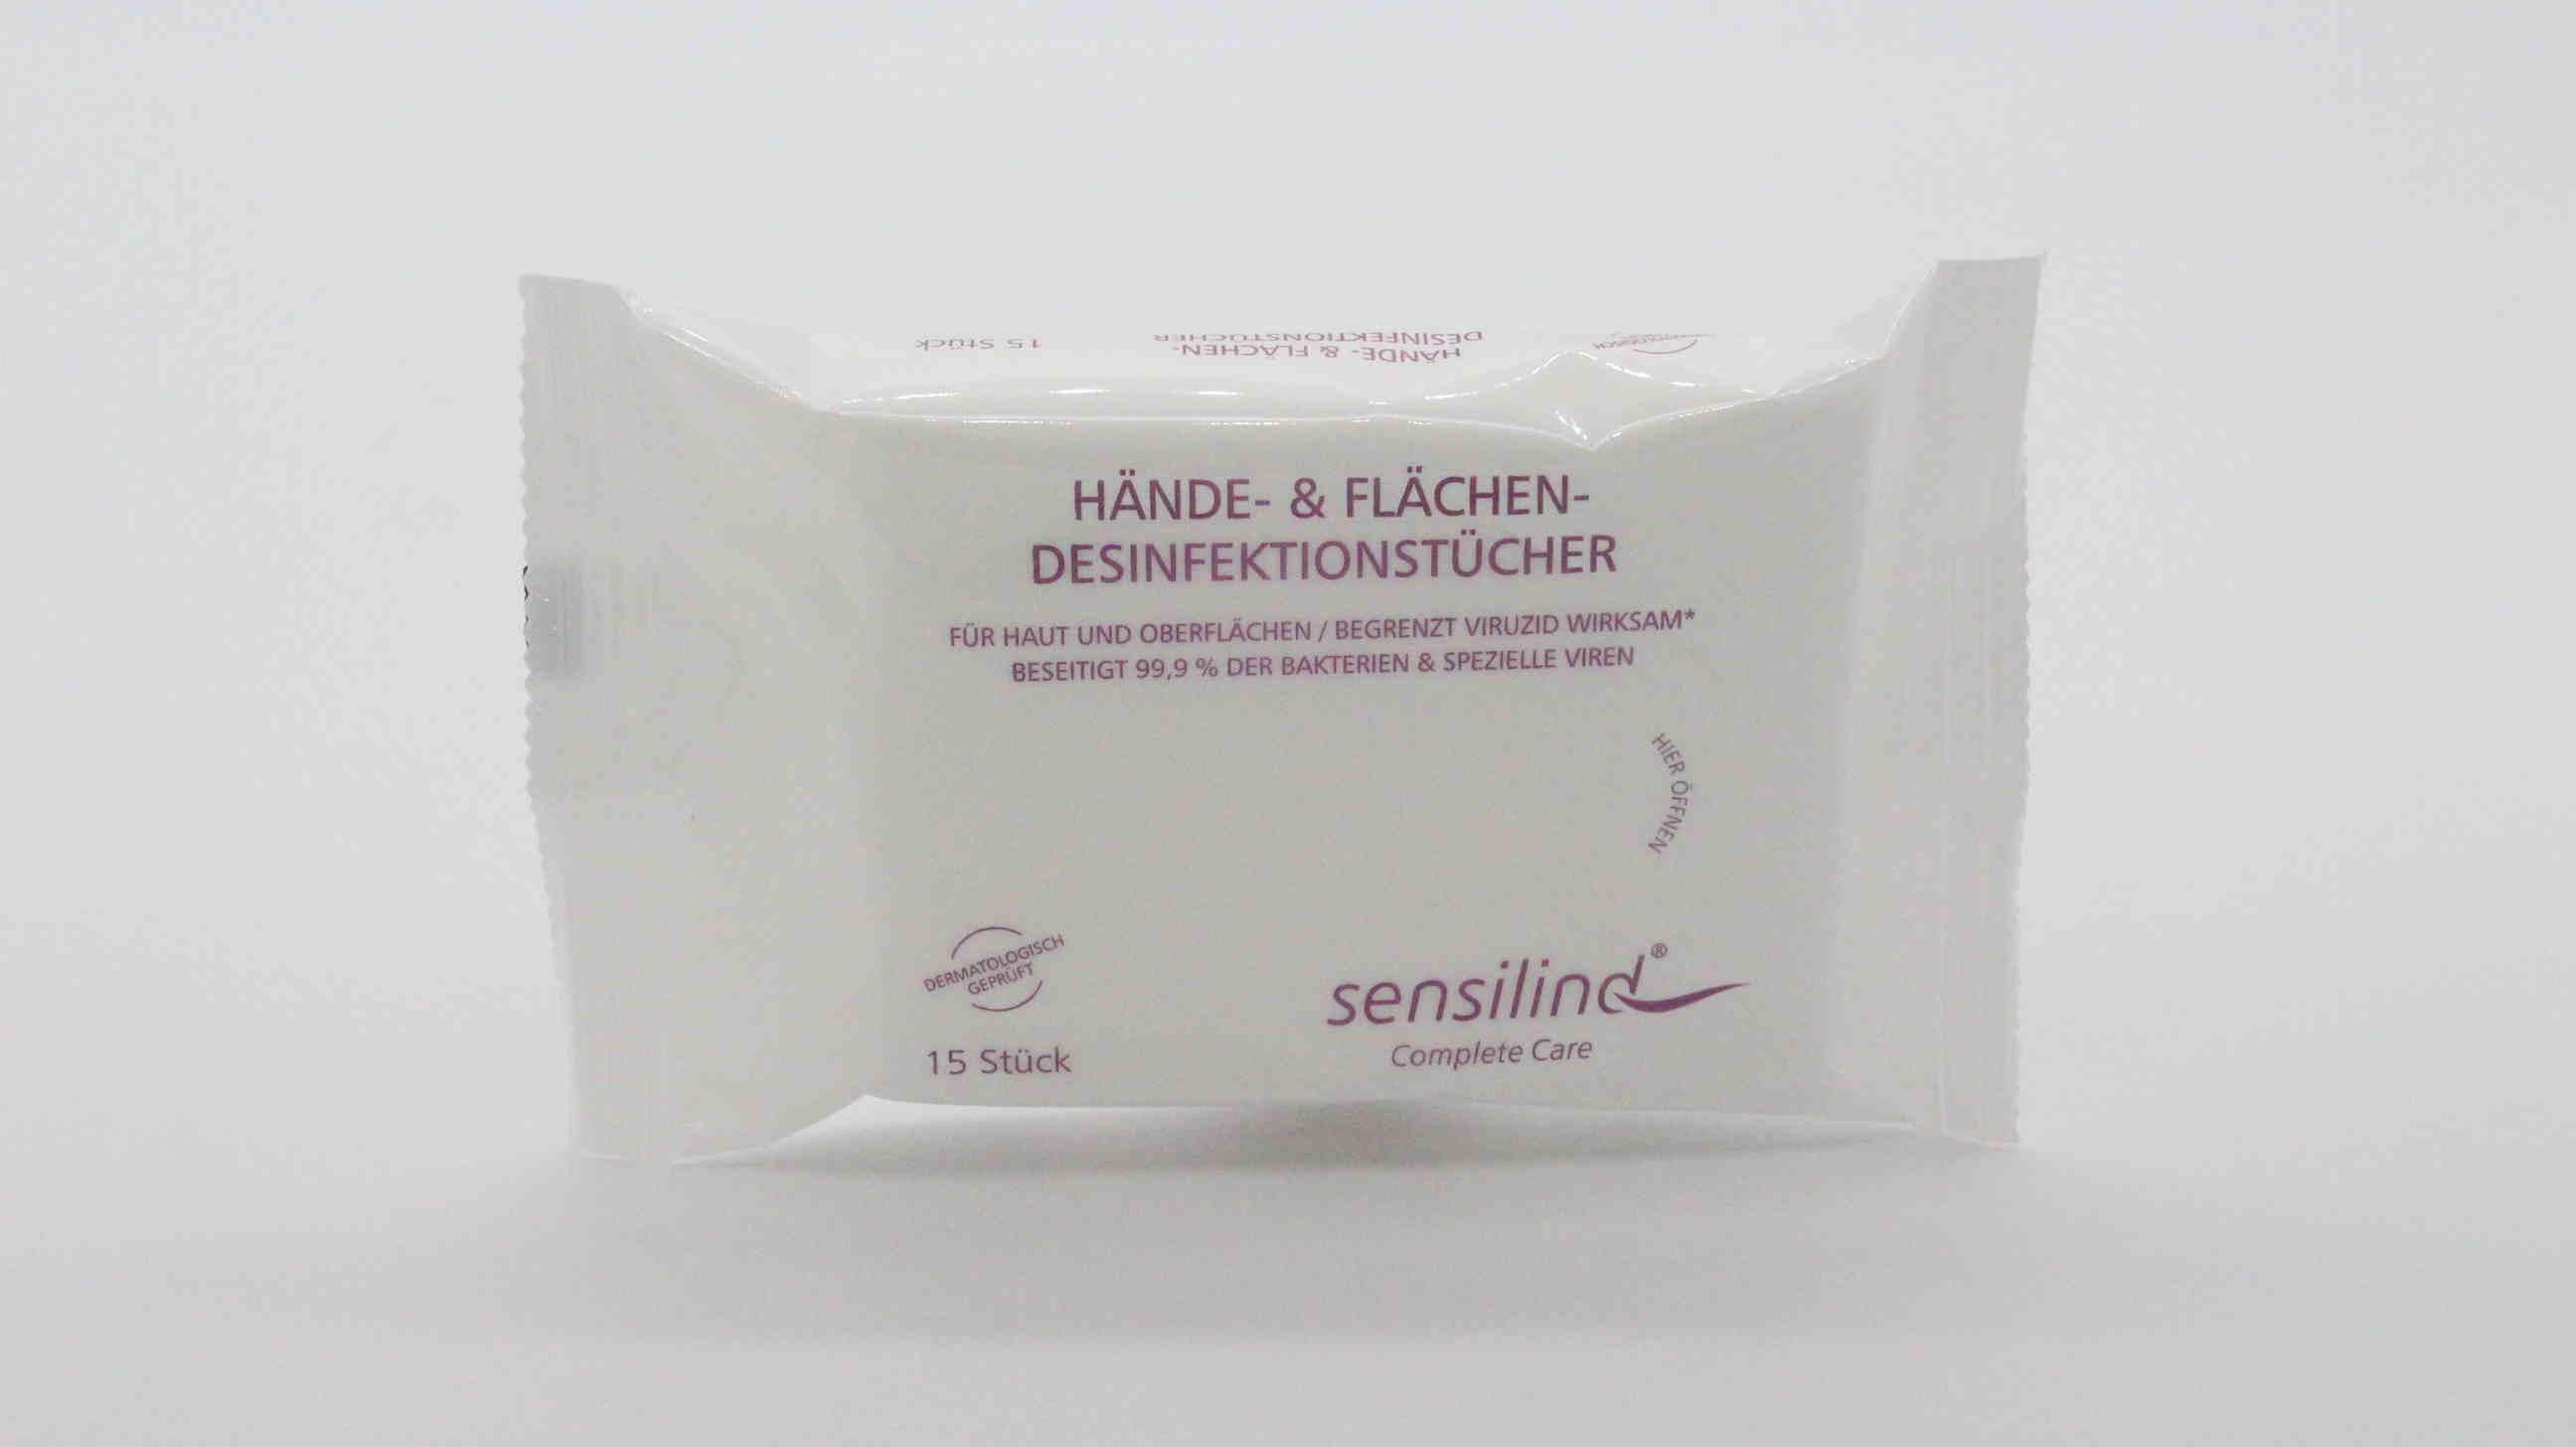 Sensilind Hände & Flächendesinfektionstücher